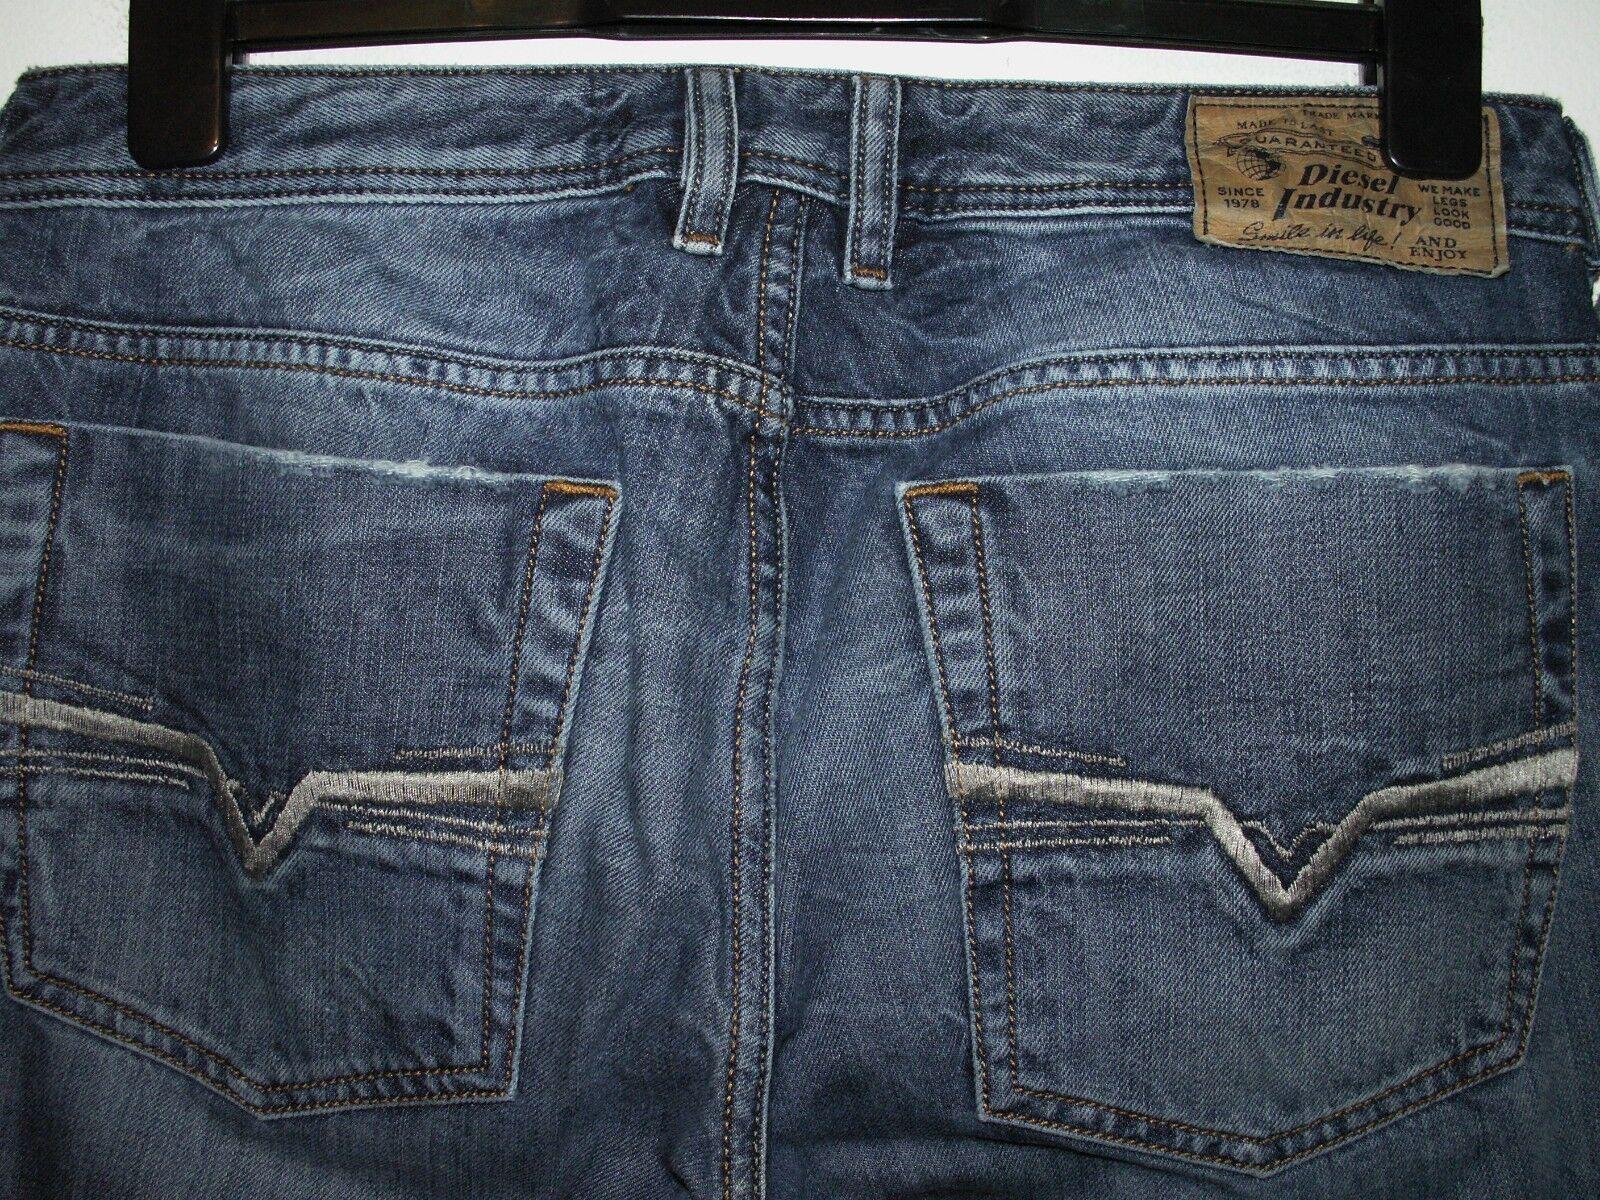 Diesel zathan bootcut jeans wash 008B9 W32 L30 (a4315)